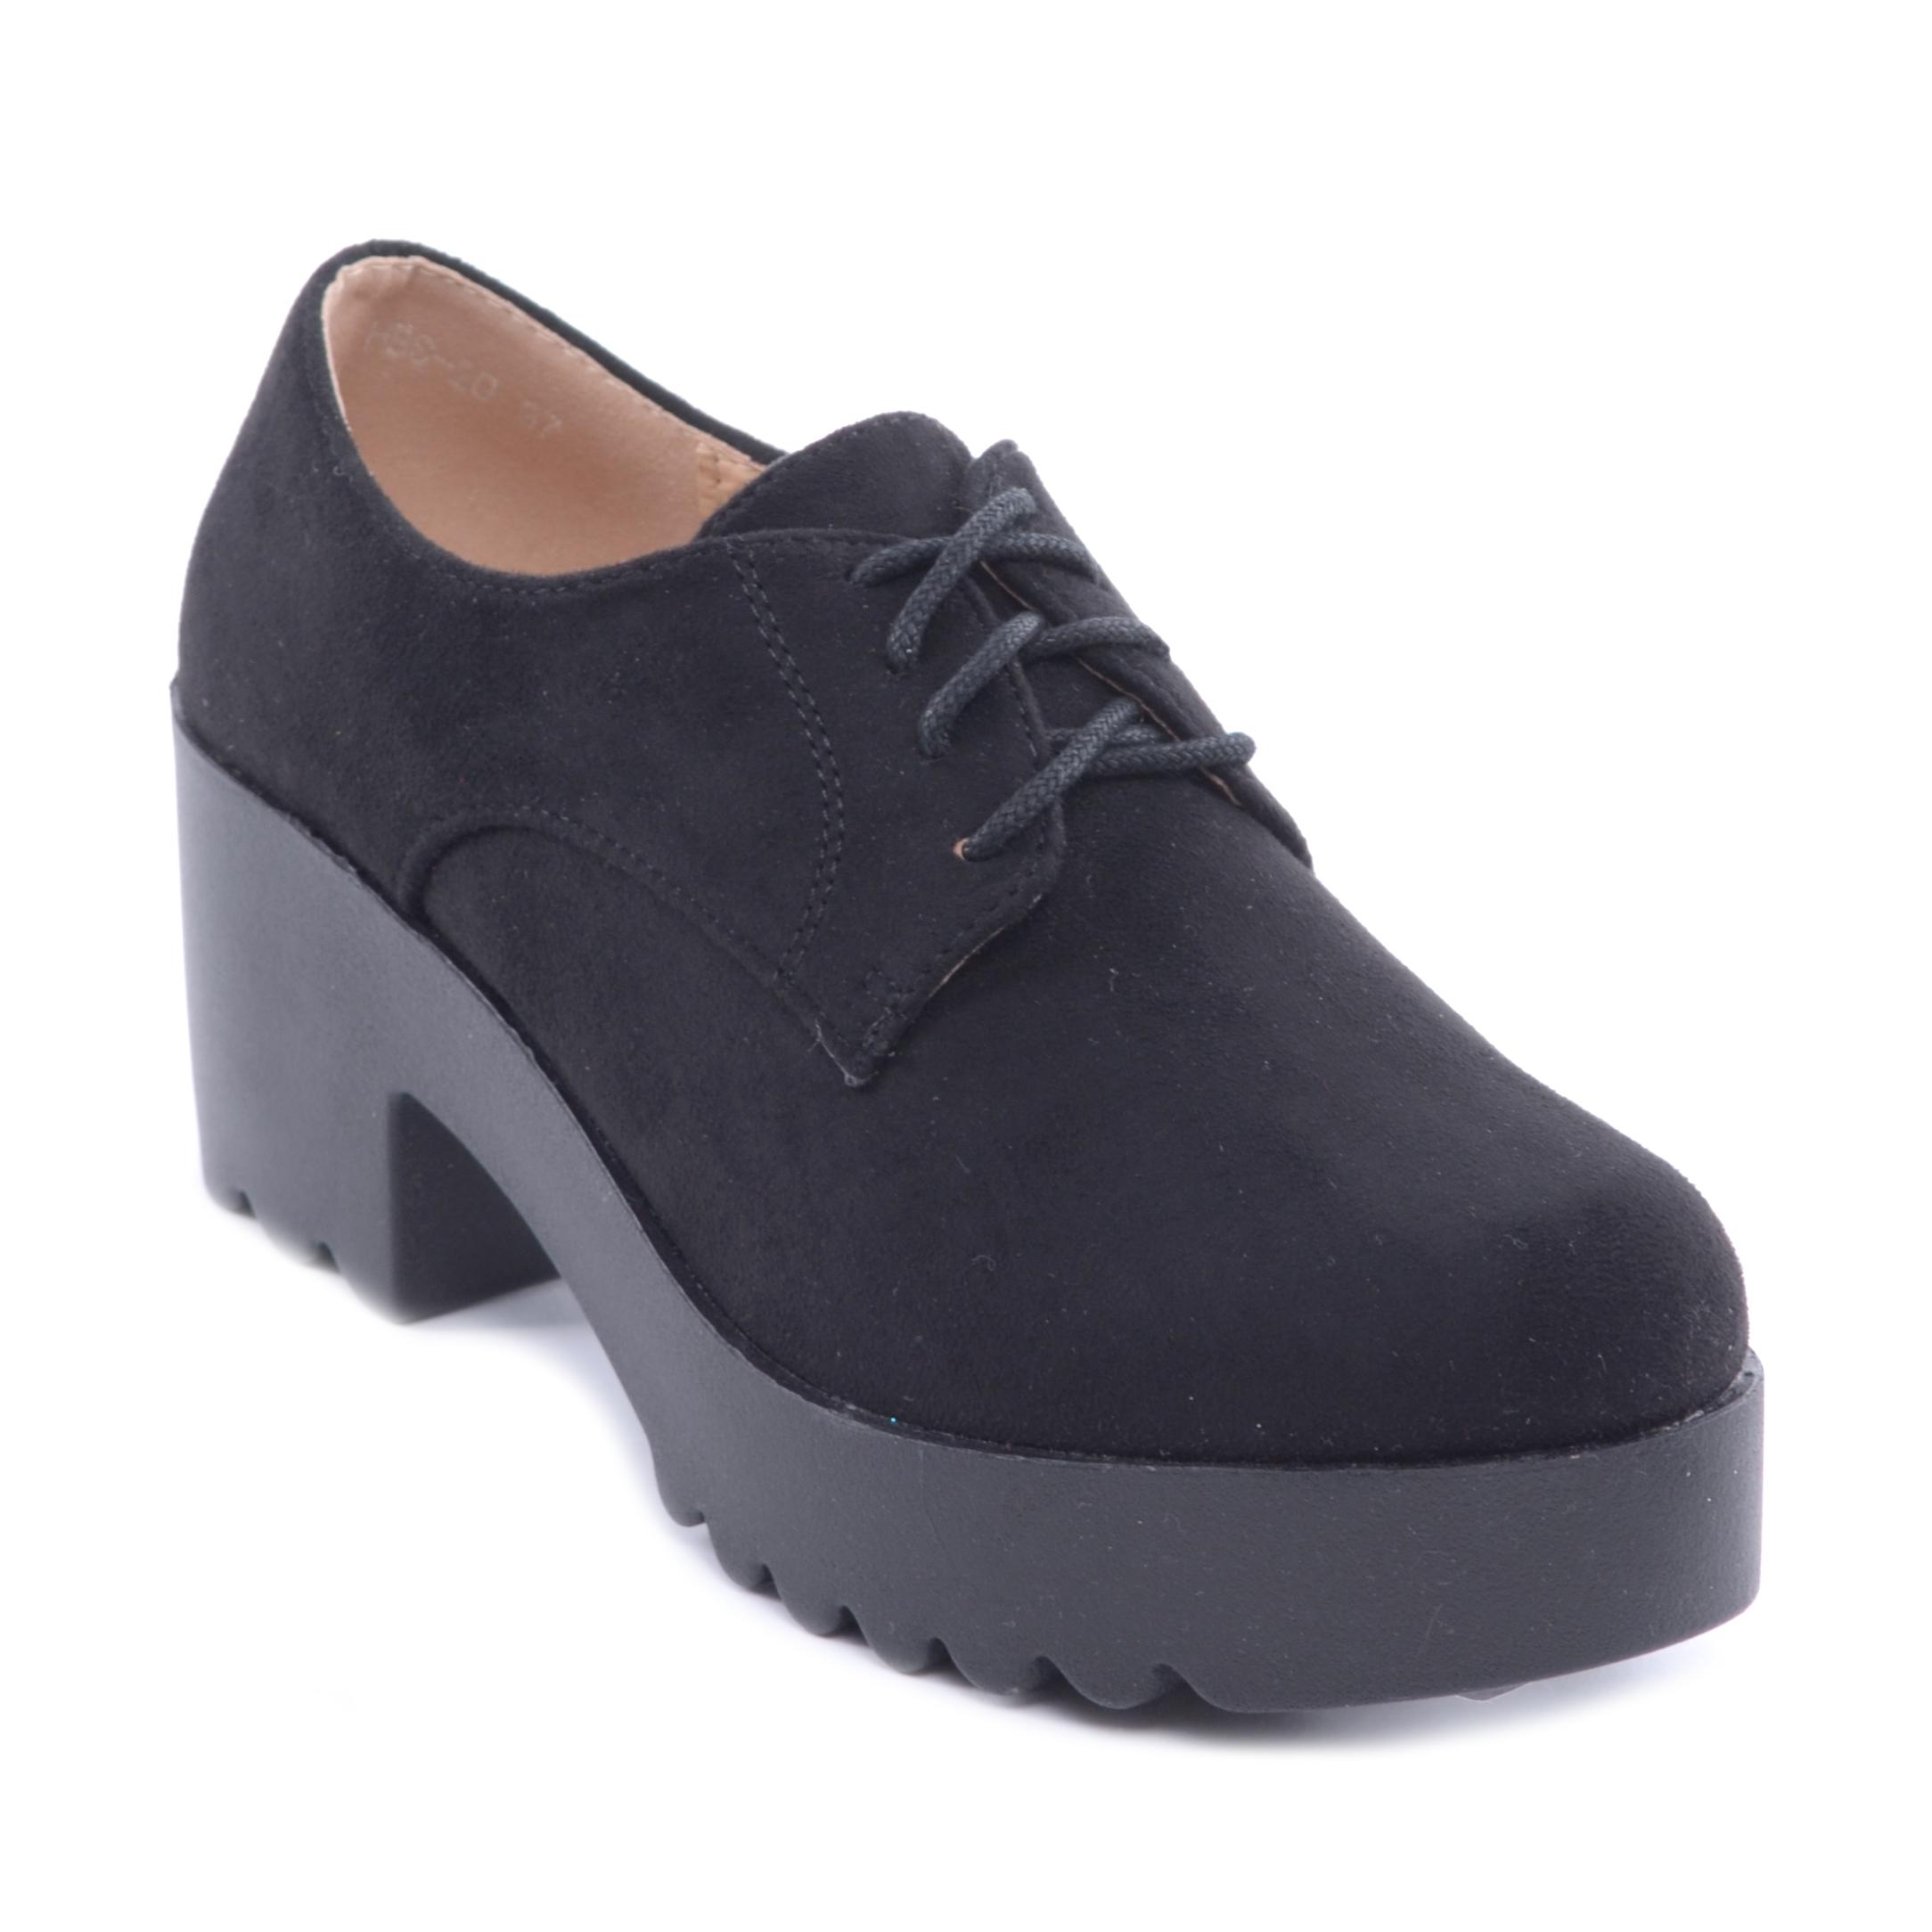 Női Magasított Talpú Félcipő Fekete - MAGAS TALPÚ - Női cipő webáruház-női  csizmák 3e84461b02